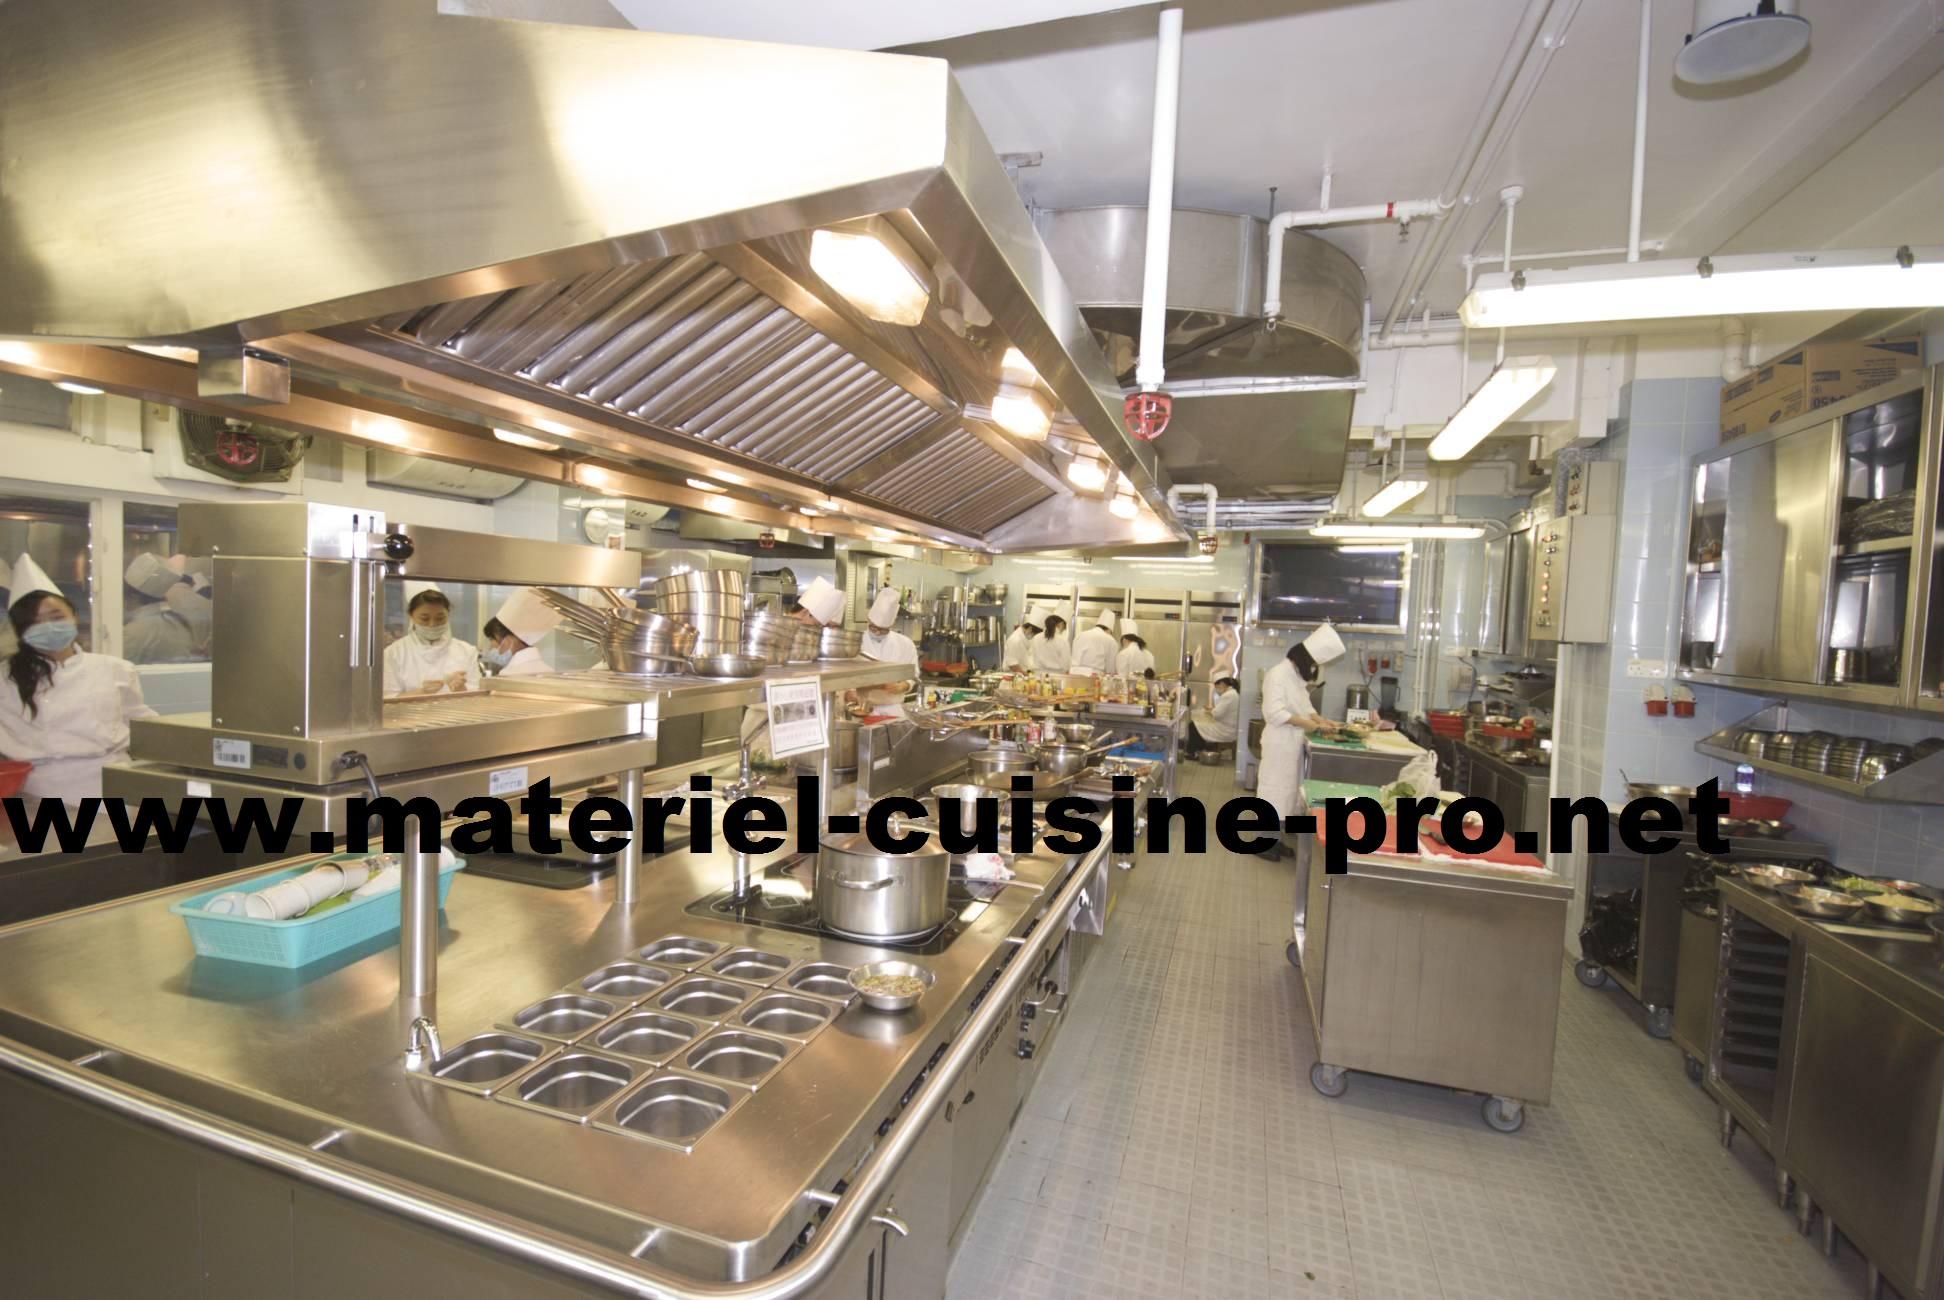 Magasins et fournisseurs de mat riel de cuisine pro - Fournisseur de cuisine pour professionnel ...